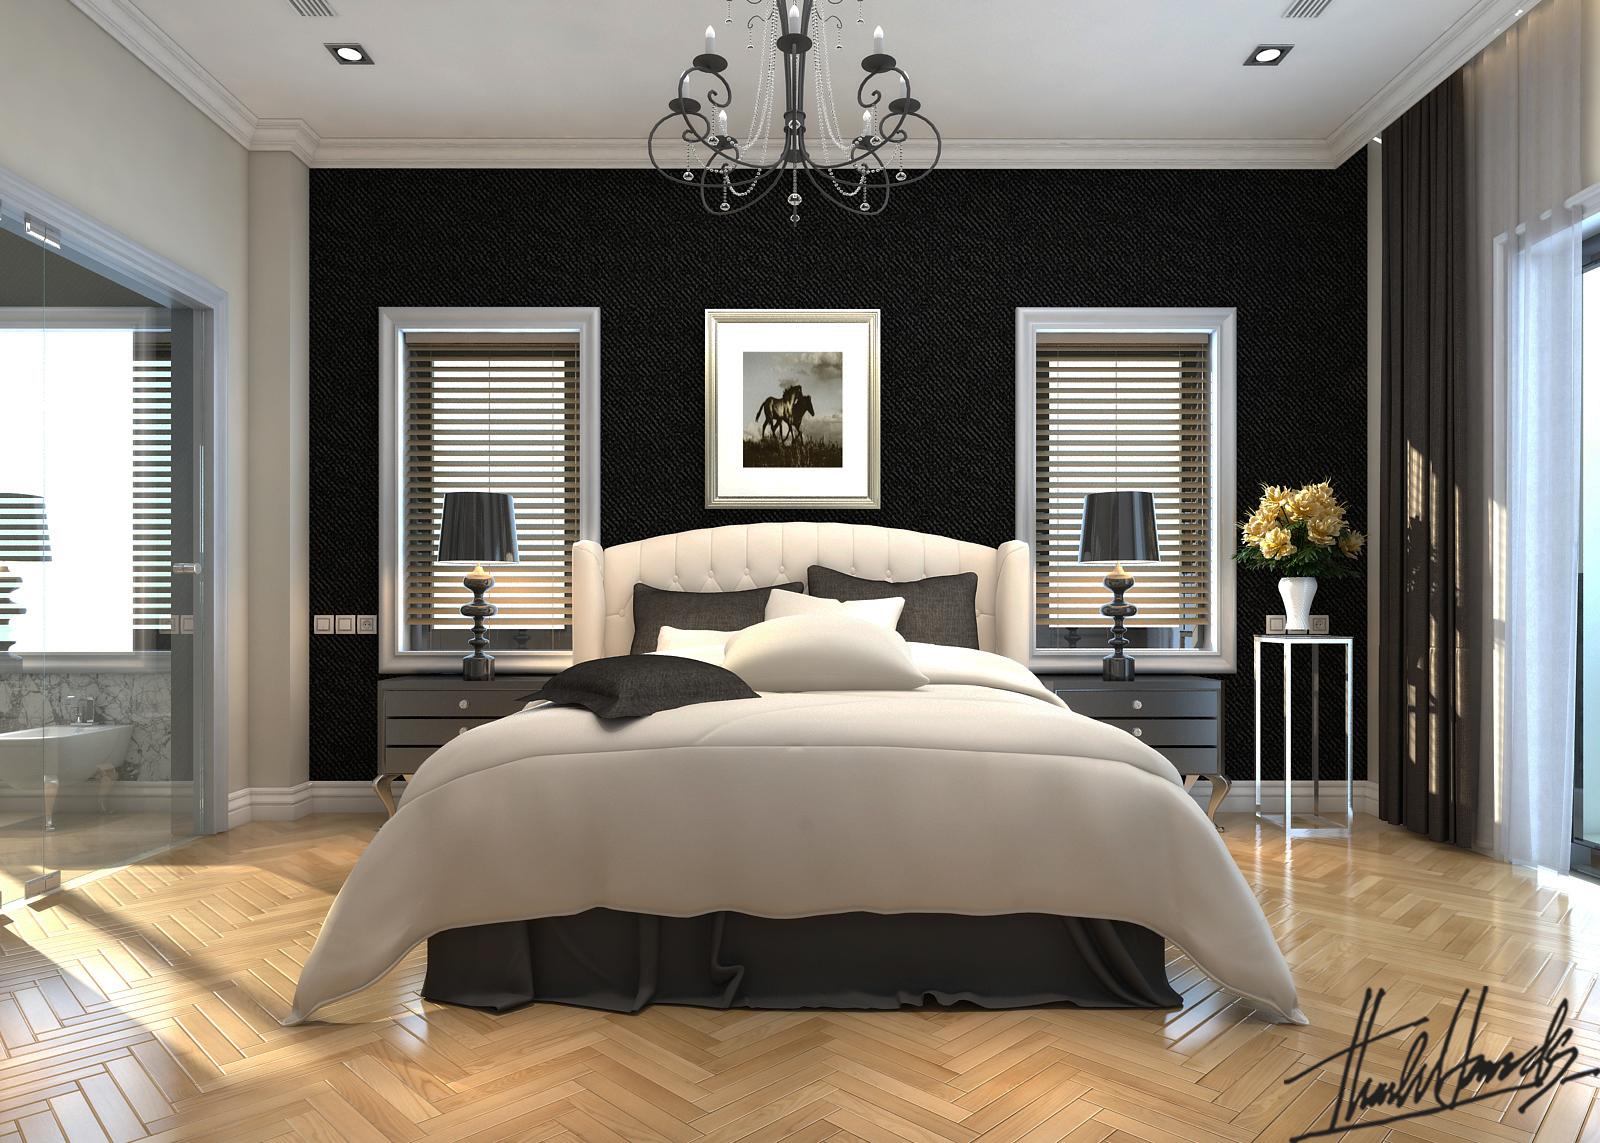 thiết kế nội thất Biệt Thự tại Hà Nội bt Vinhomes - riverside 26 1568274536